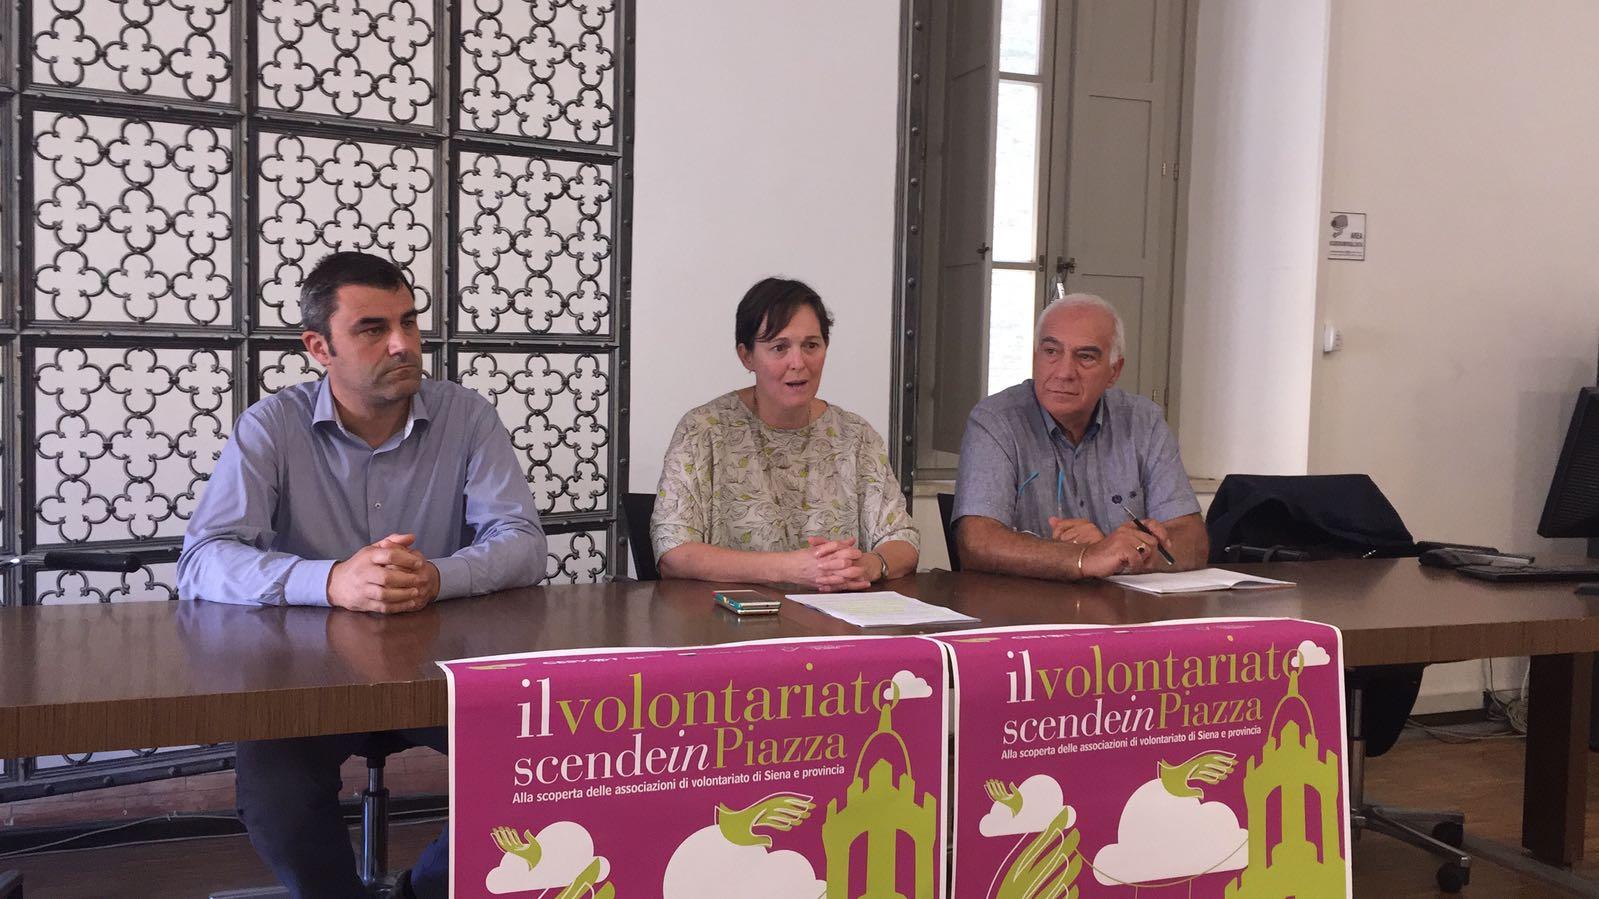 """""""Il volontariato scende in piazza"""", presentata la grande festa delle associazioni"""